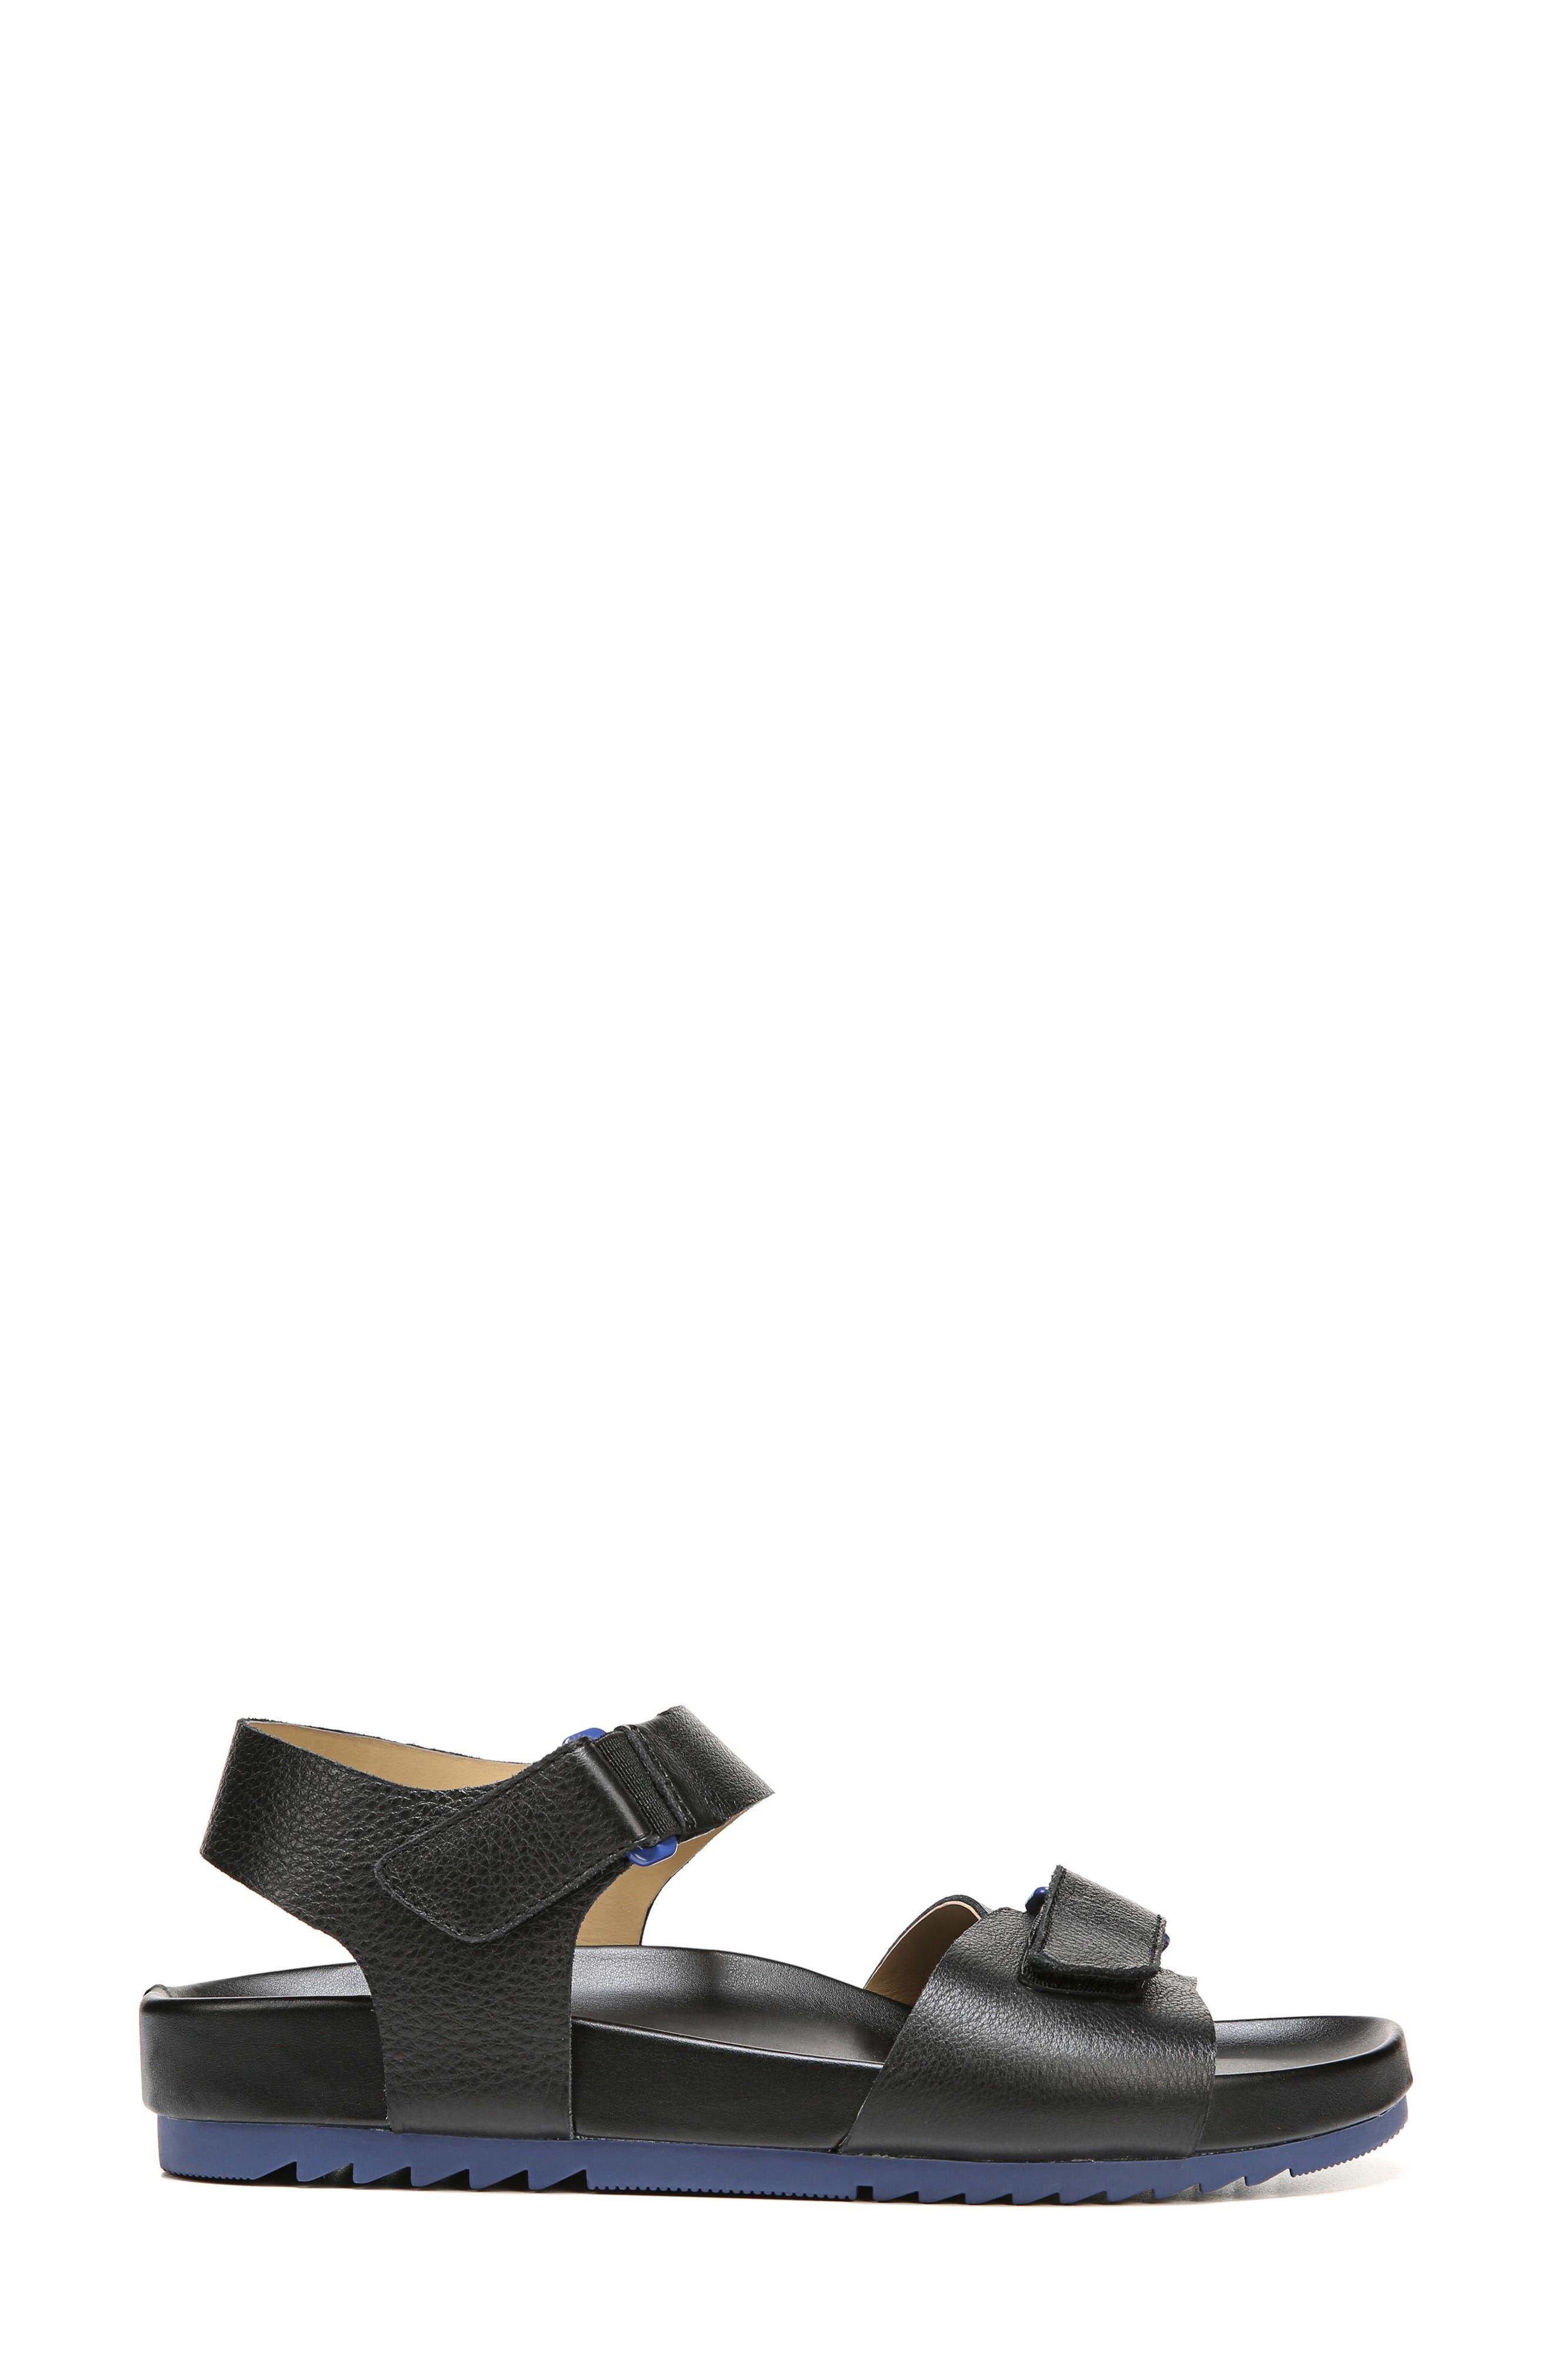 Ari Sandal,                             Alternate thumbnail 3, color,                             Black Pebble Leather